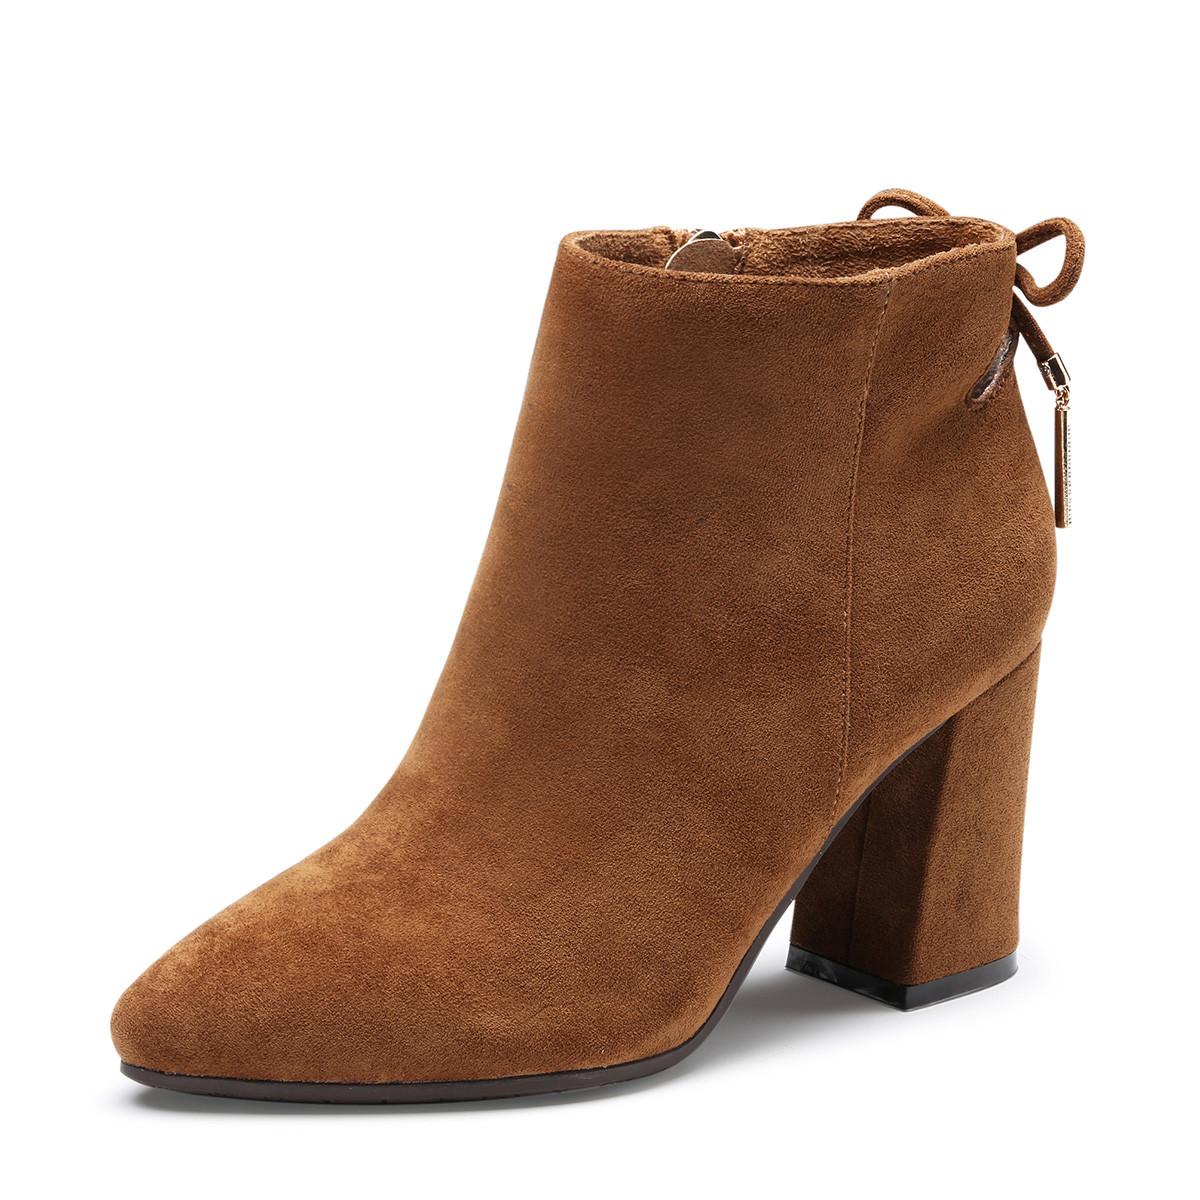 卓诗尼百搭显瘦2019冬季新款女时装靴尖头粗跟短筒增高英伦风及踝靴12681015526